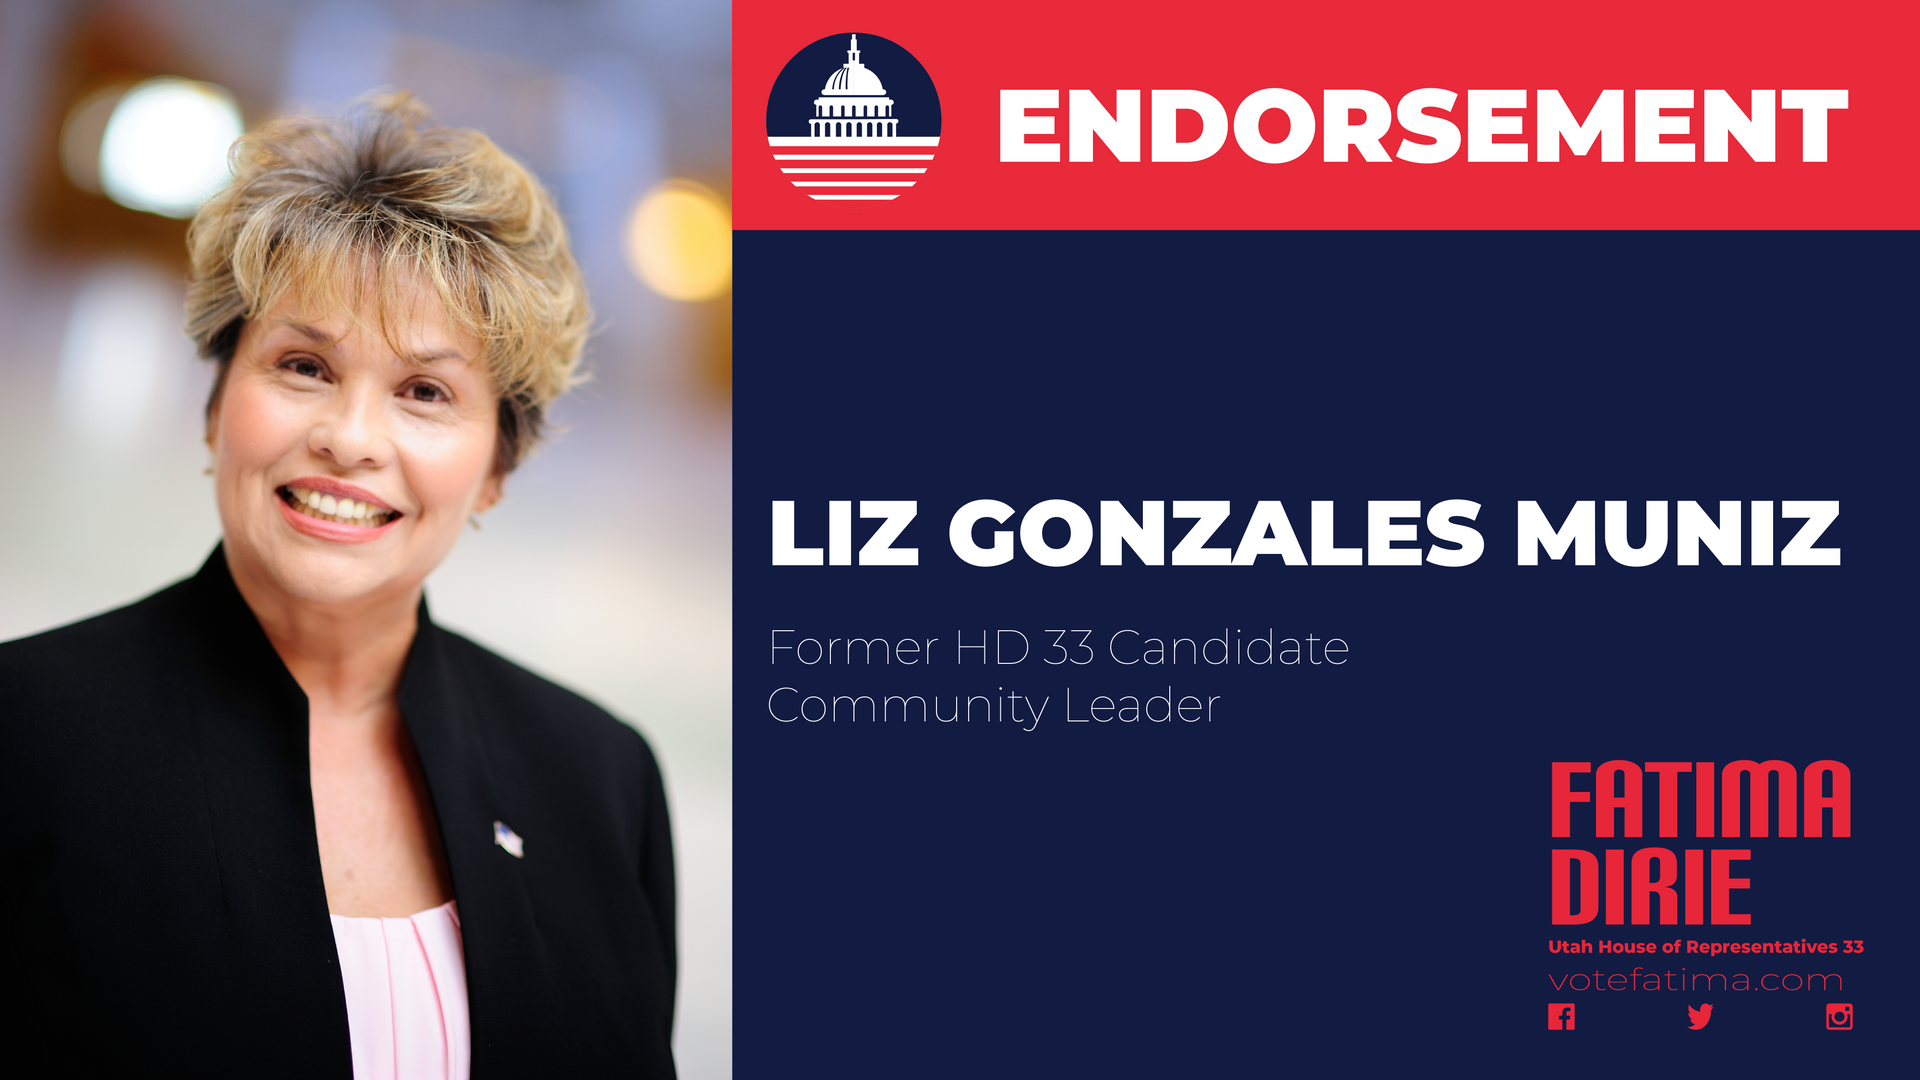 Liz Gonzales Muniz Endorsement